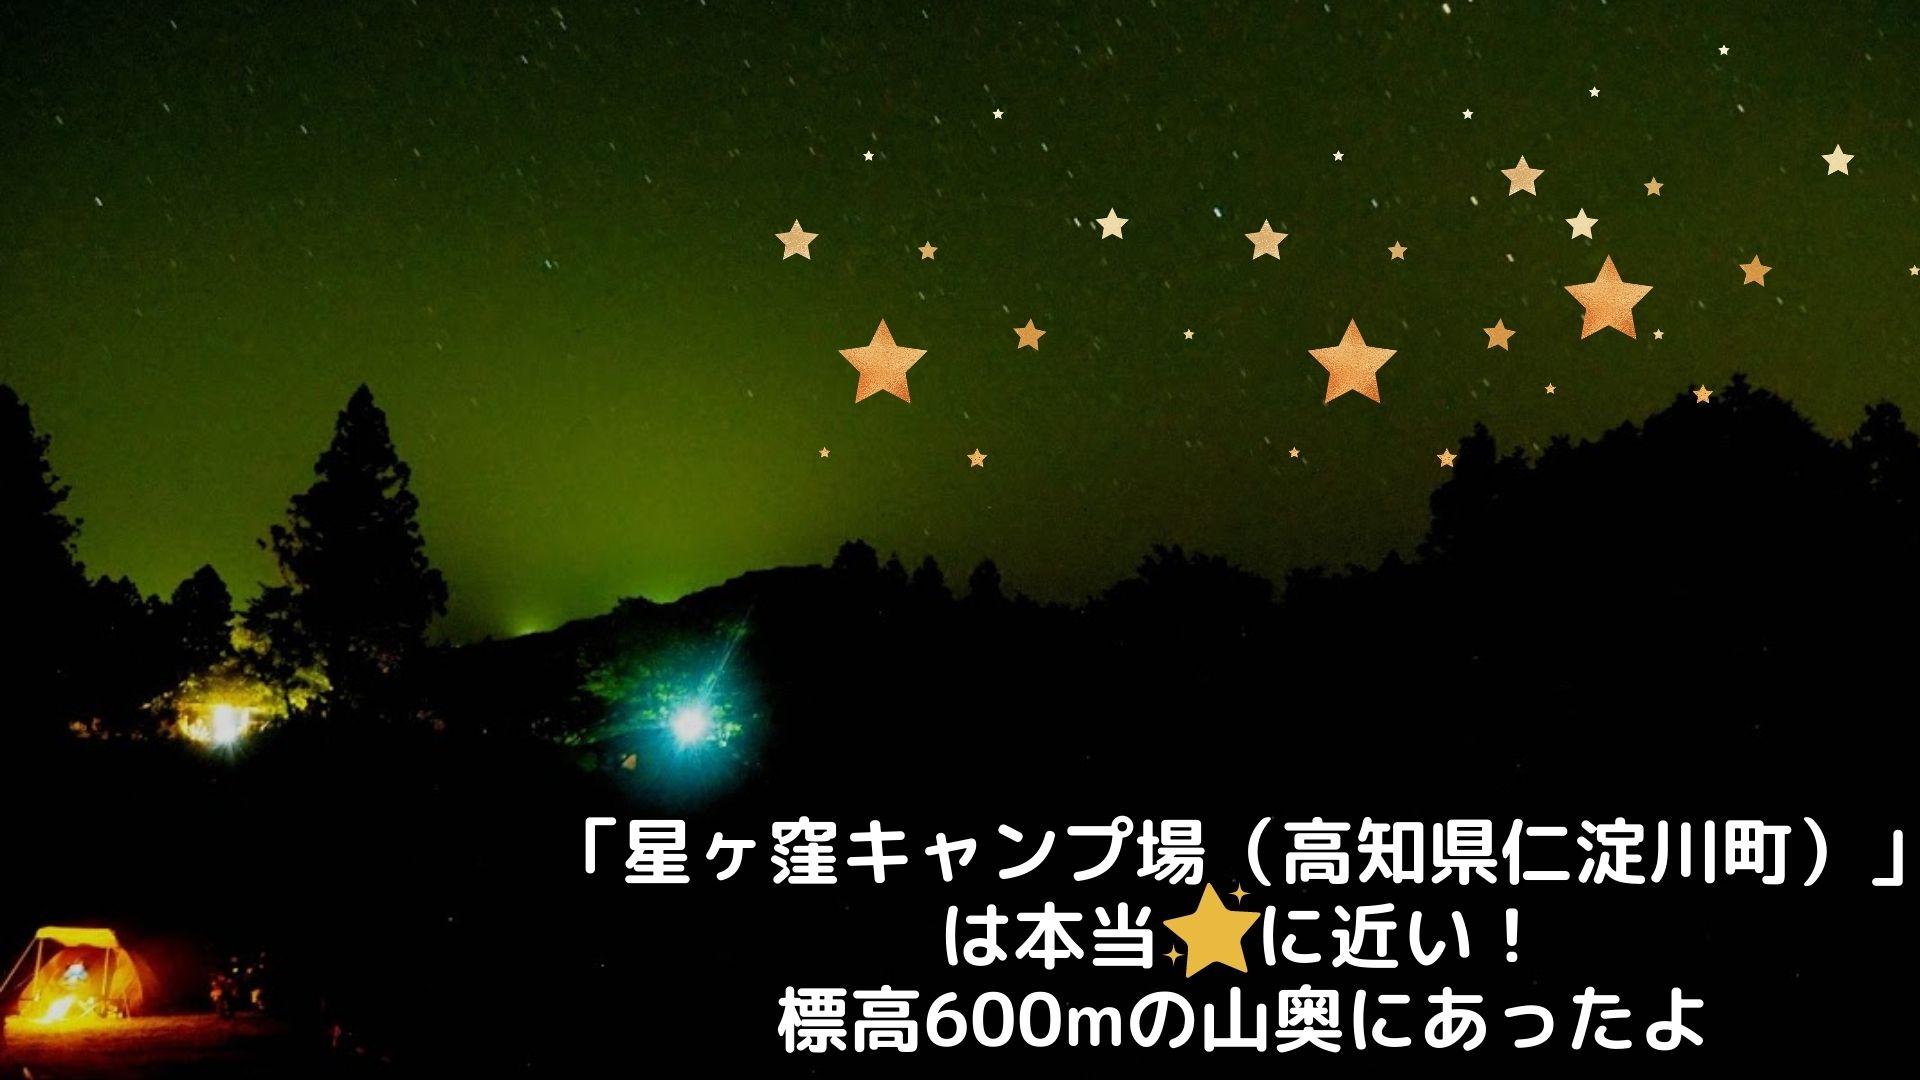 「星ヶ窪キャンプ場(高知県仁淀川町)」は本当に⭐️に近い!標高600mの山奥にあったよ【「姫鶴平キャンプ場」の代替案にも】